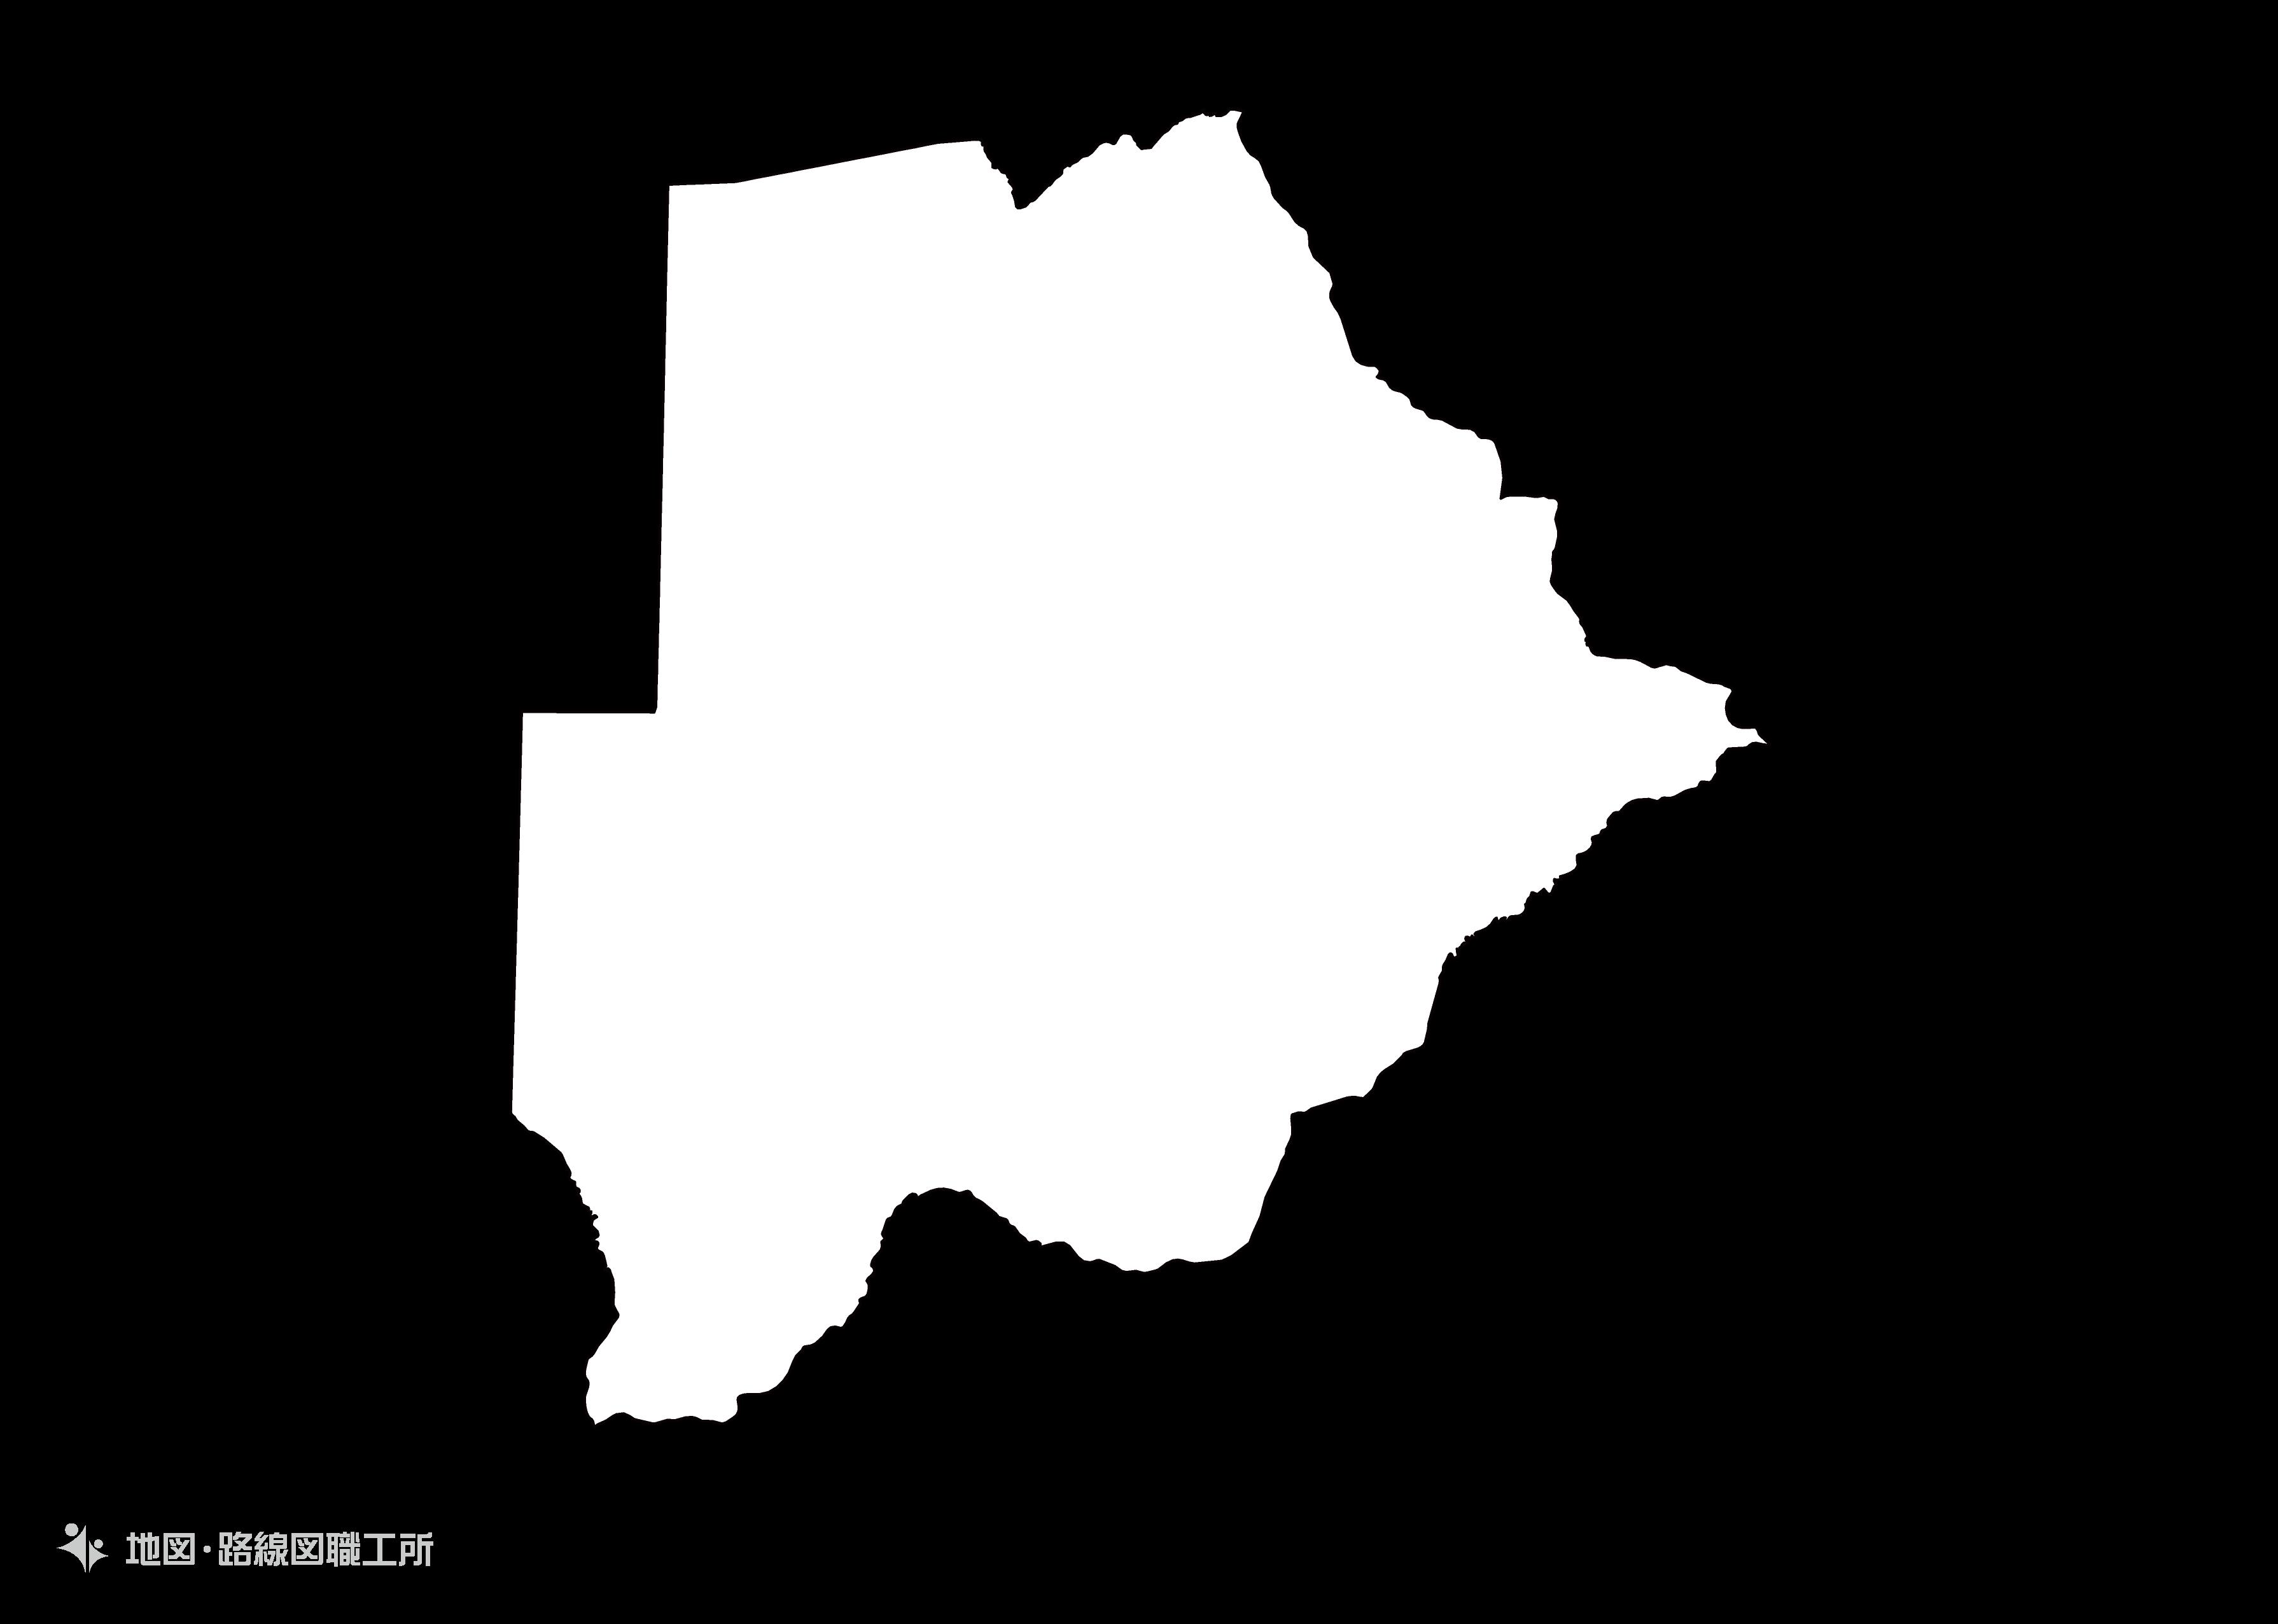 世界の白地図 ボツワナ共和国 republic-of-botswana map